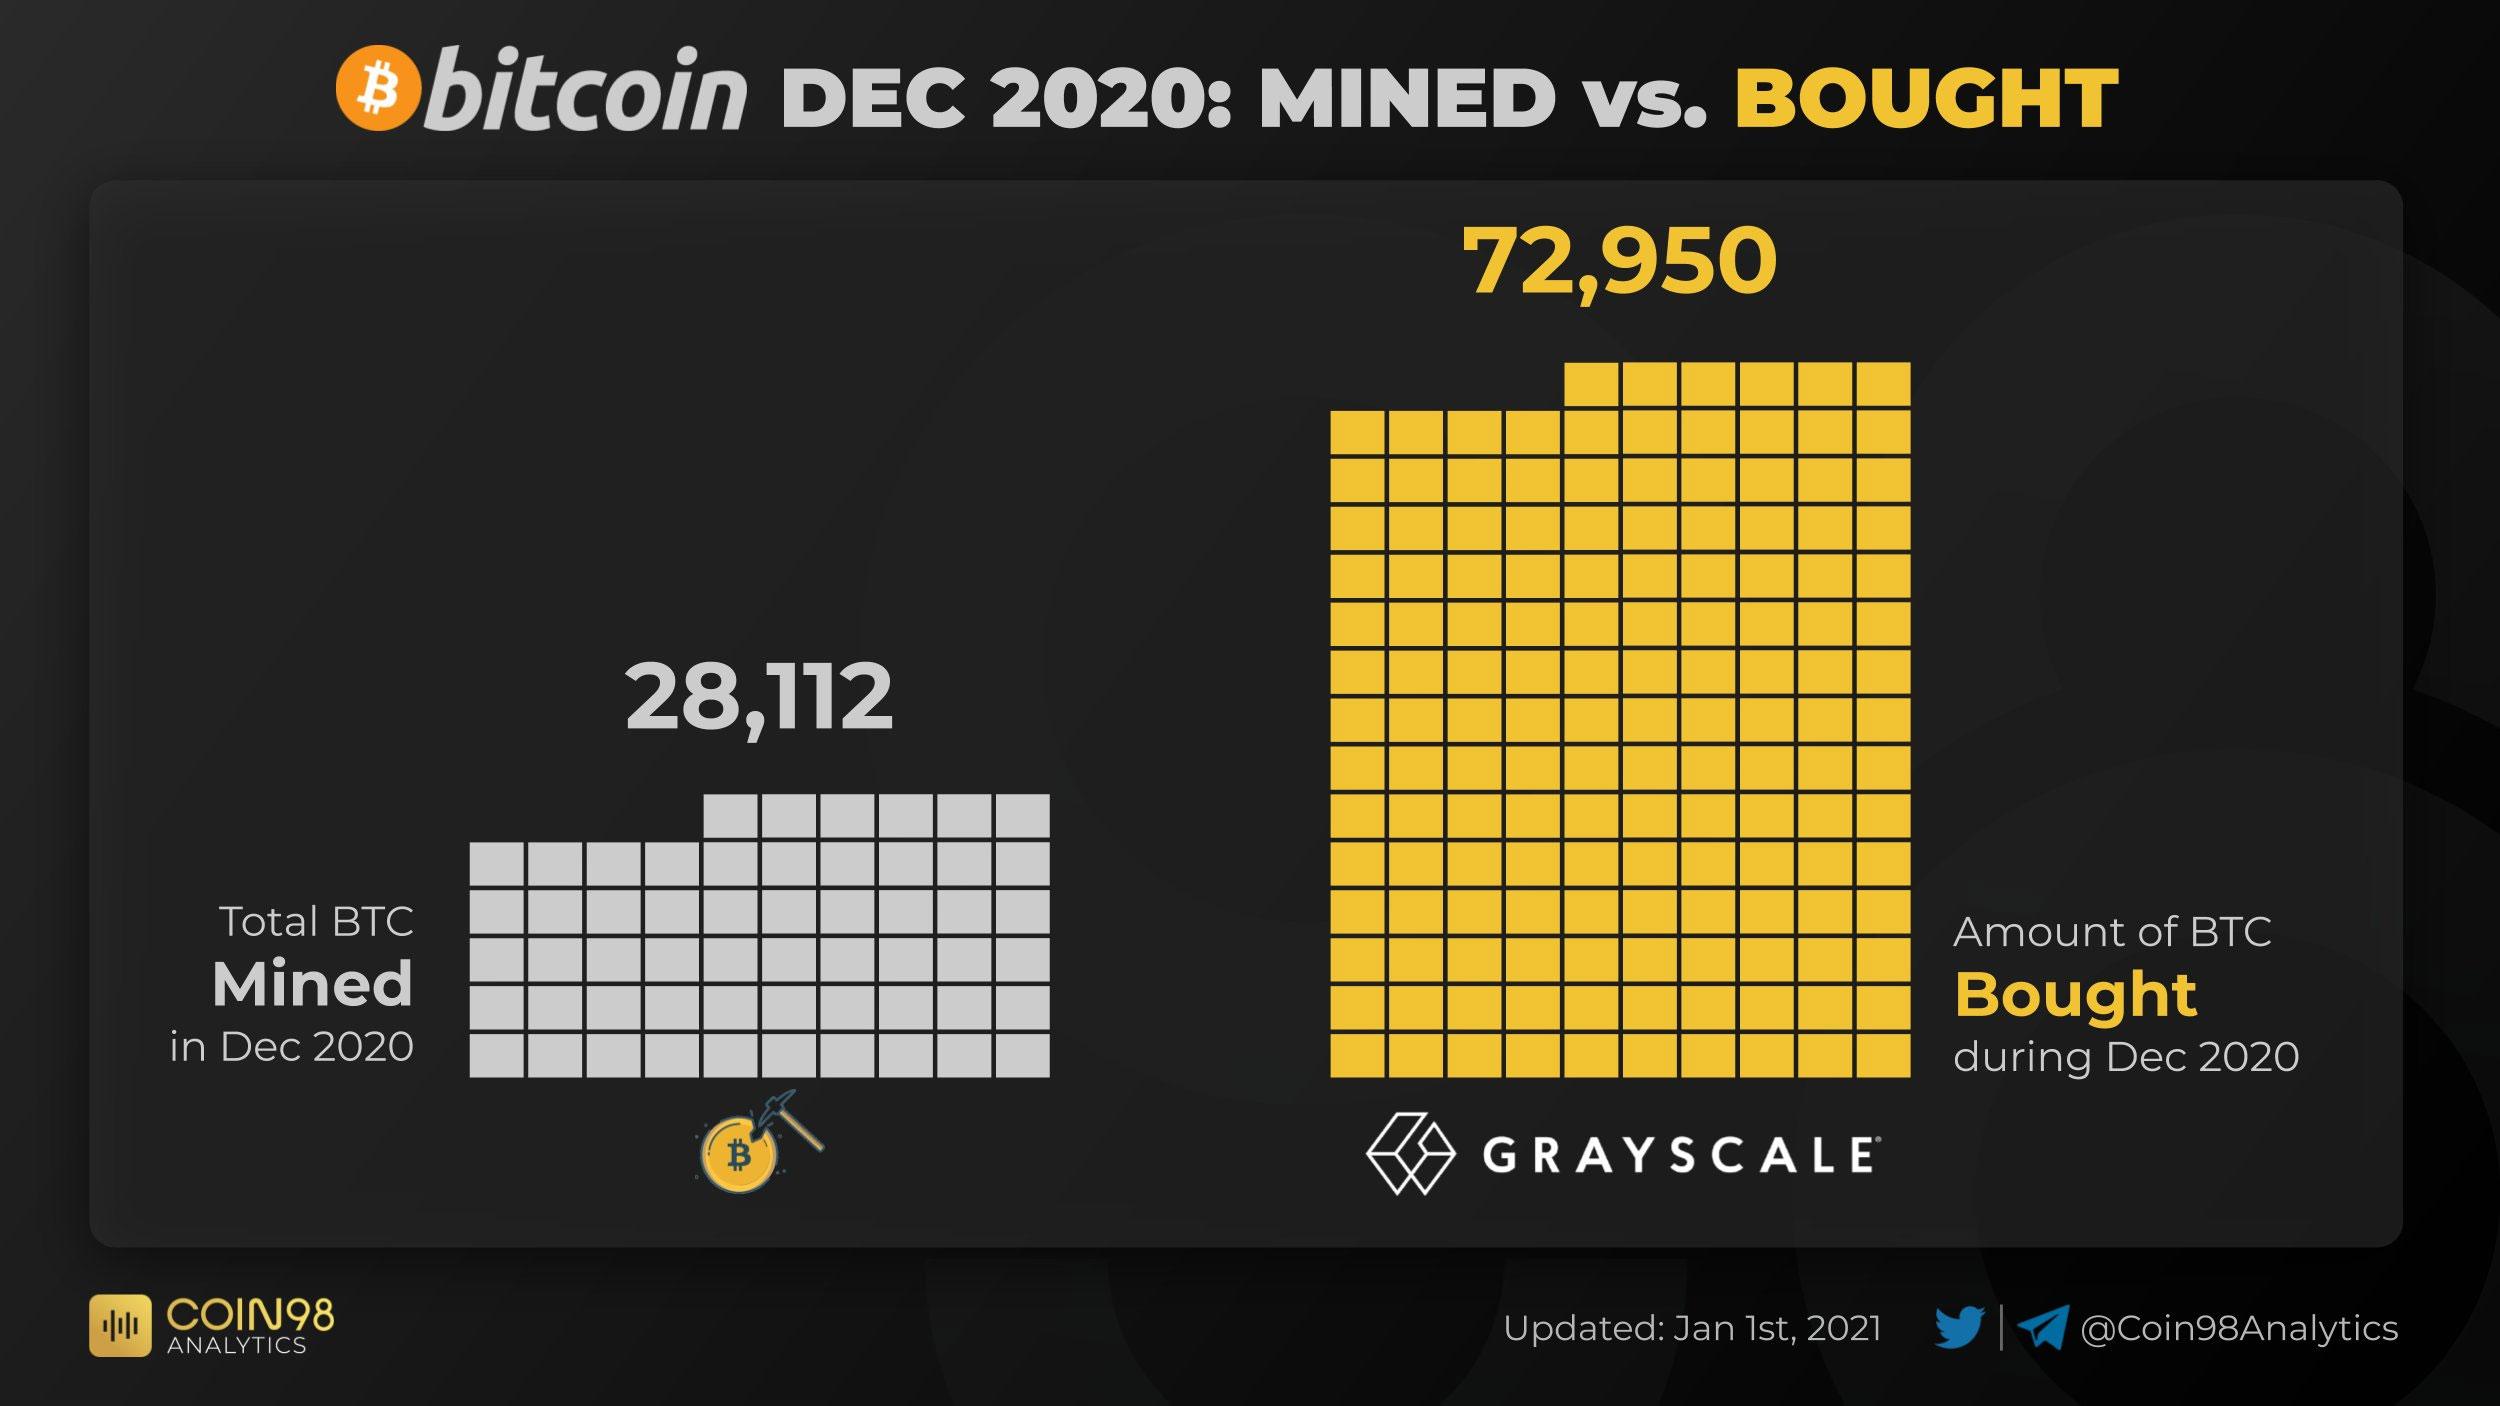 میزان بیت کوین استخراج شده در مقابل میزان خرید توسط گری اسکیل در ماه دسامبر 2020